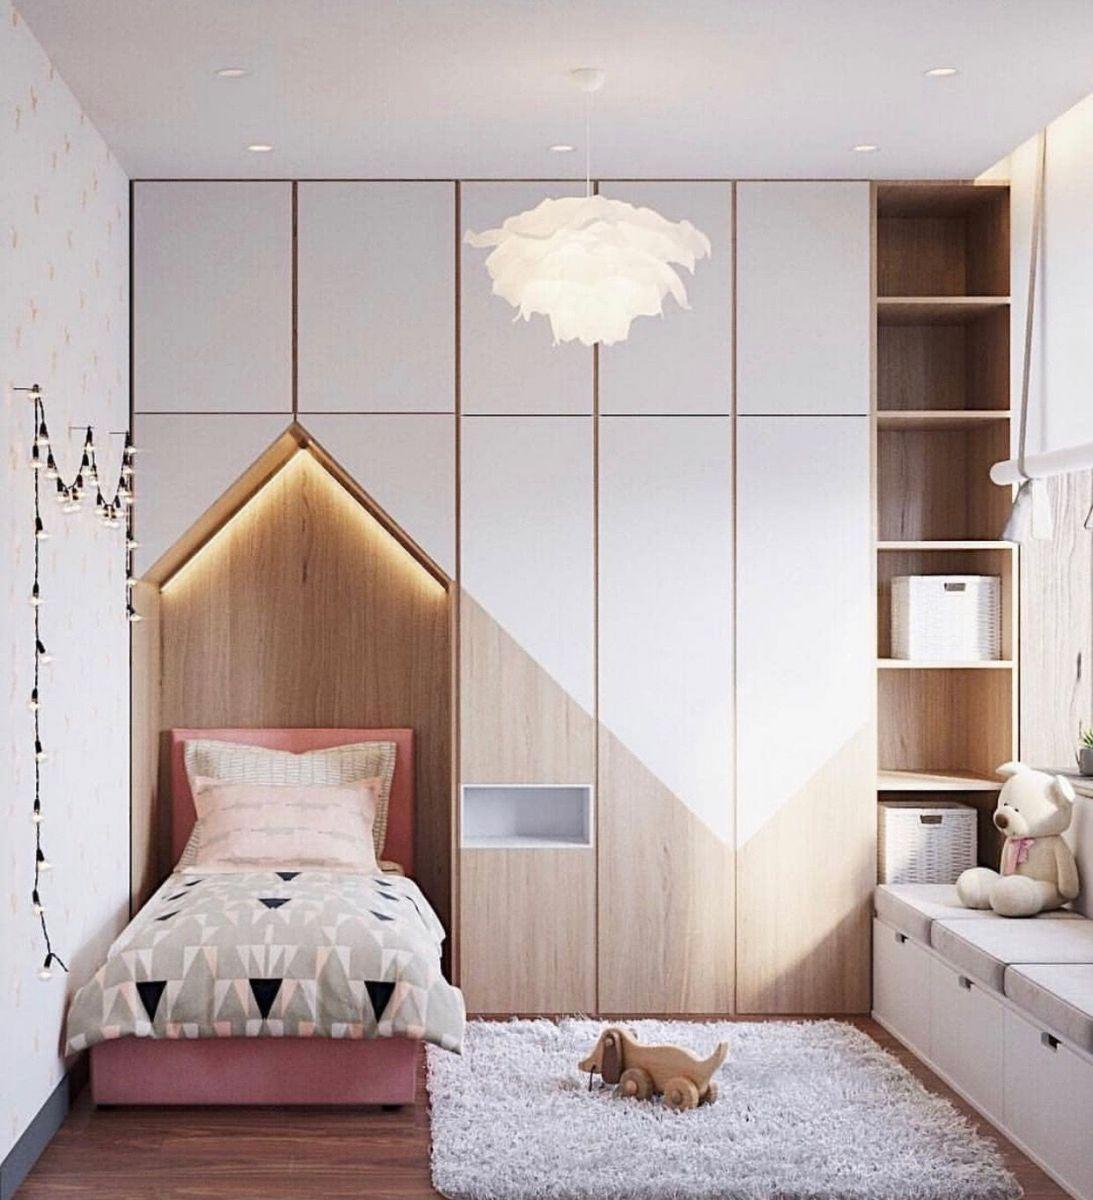 أفضل تصاميم غرف نوم اطفال 2020